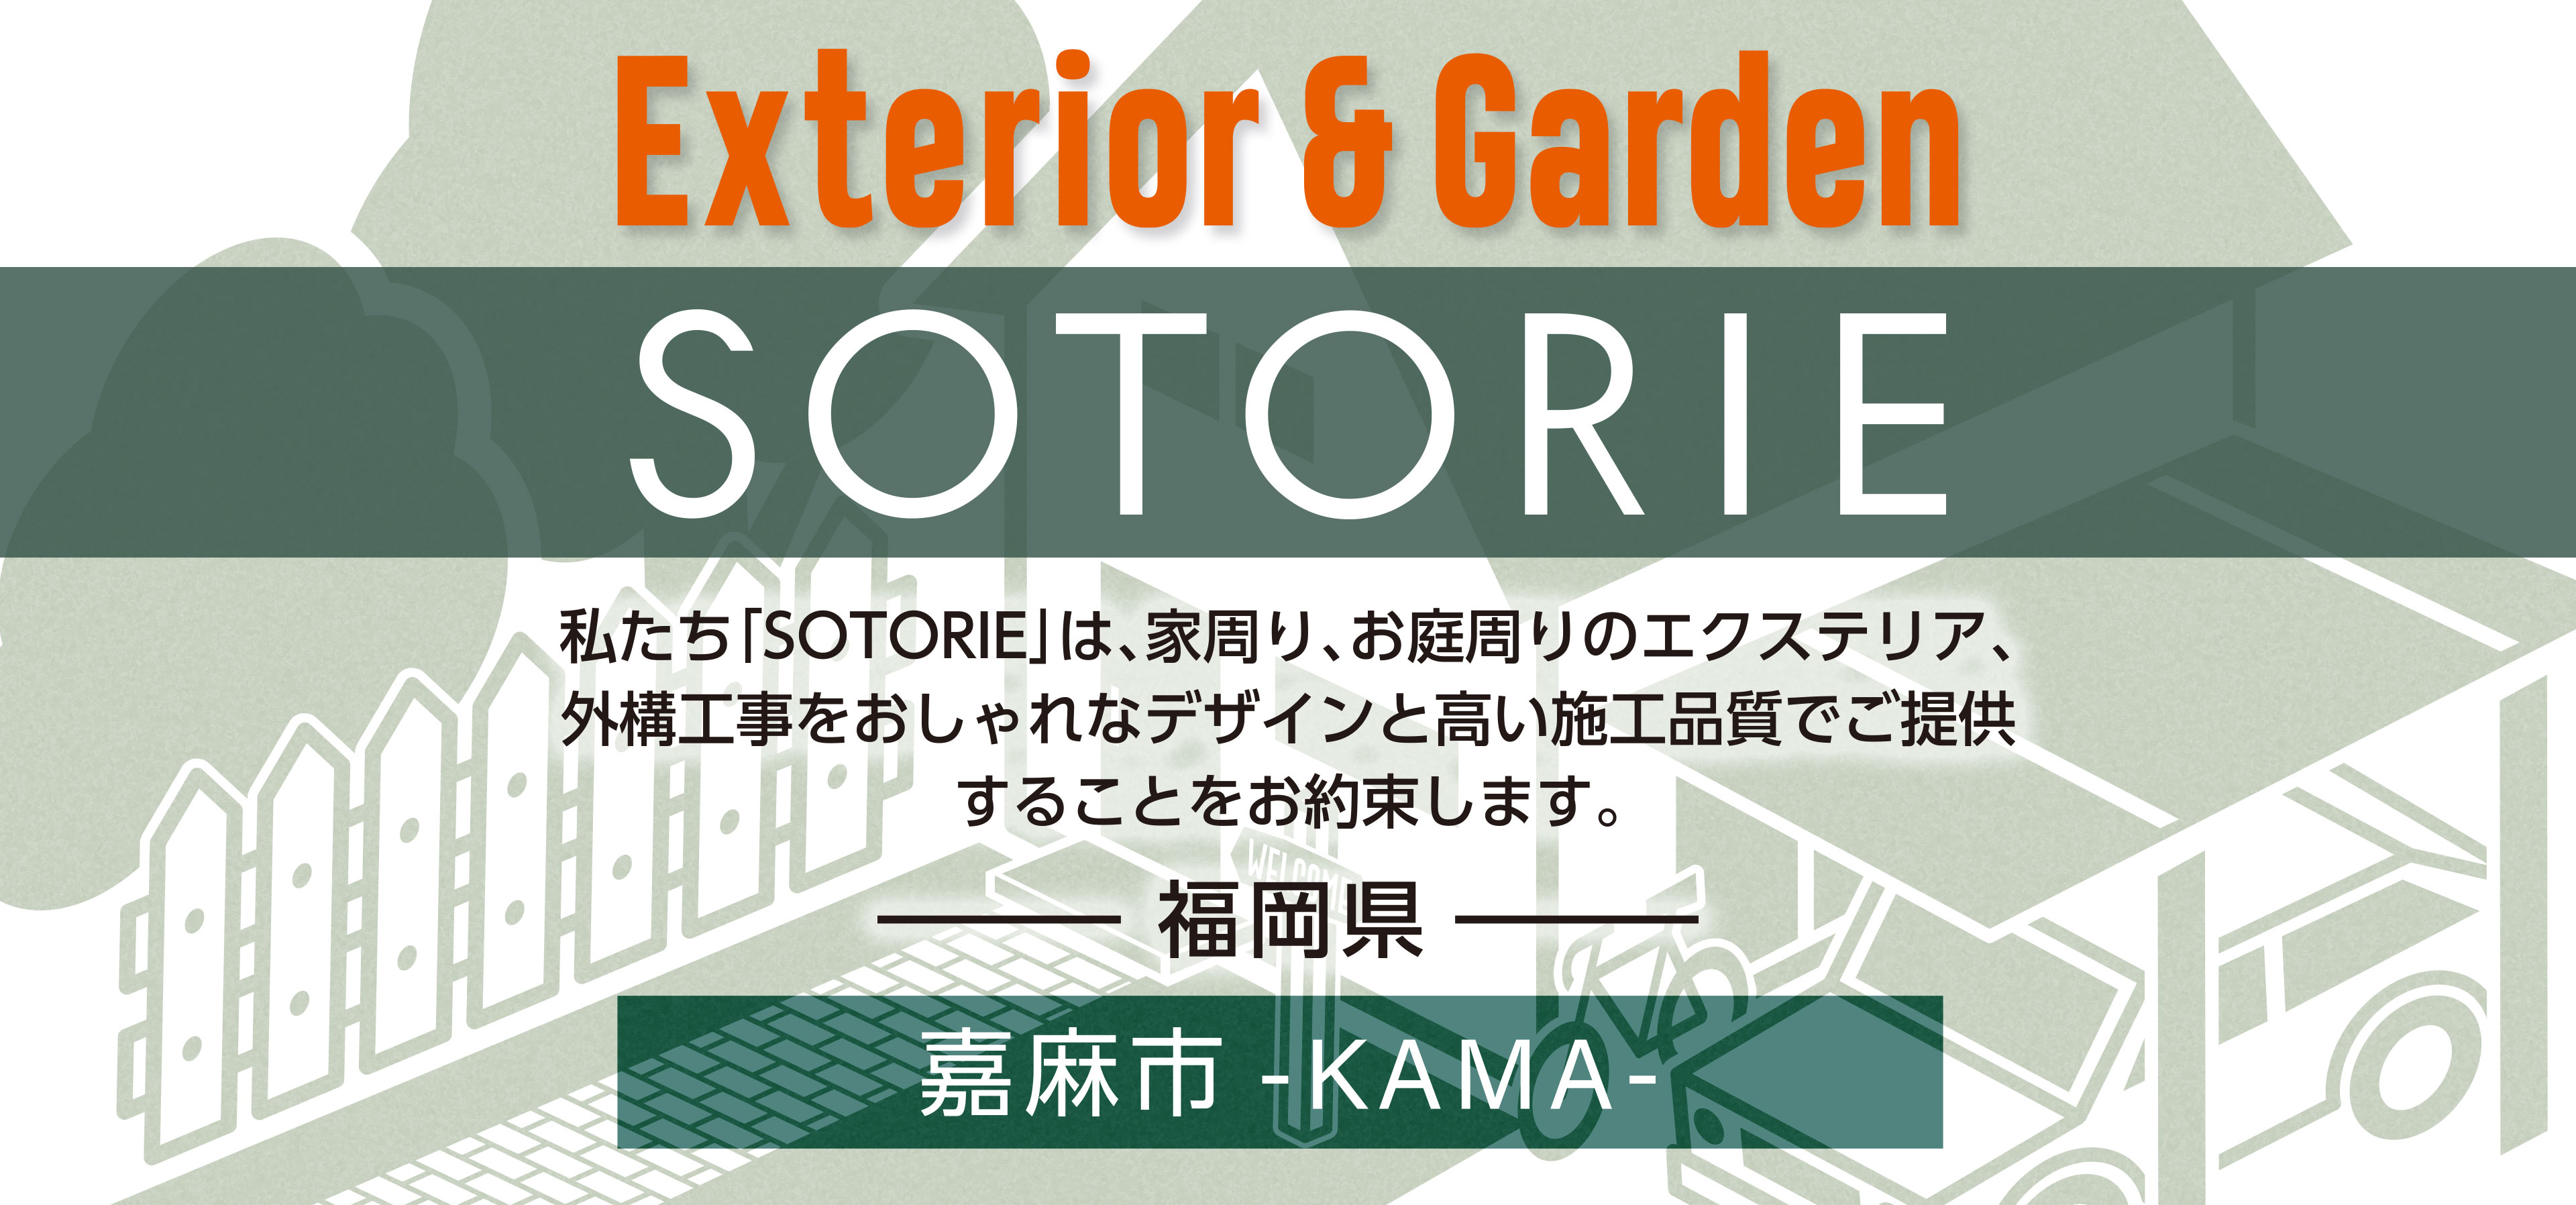 ソトリエ嘉麻市では、家周りと庭周りの外構、エクステリア工事をおしゃれなデザインと高い施工品質でご提供することをお約束します。